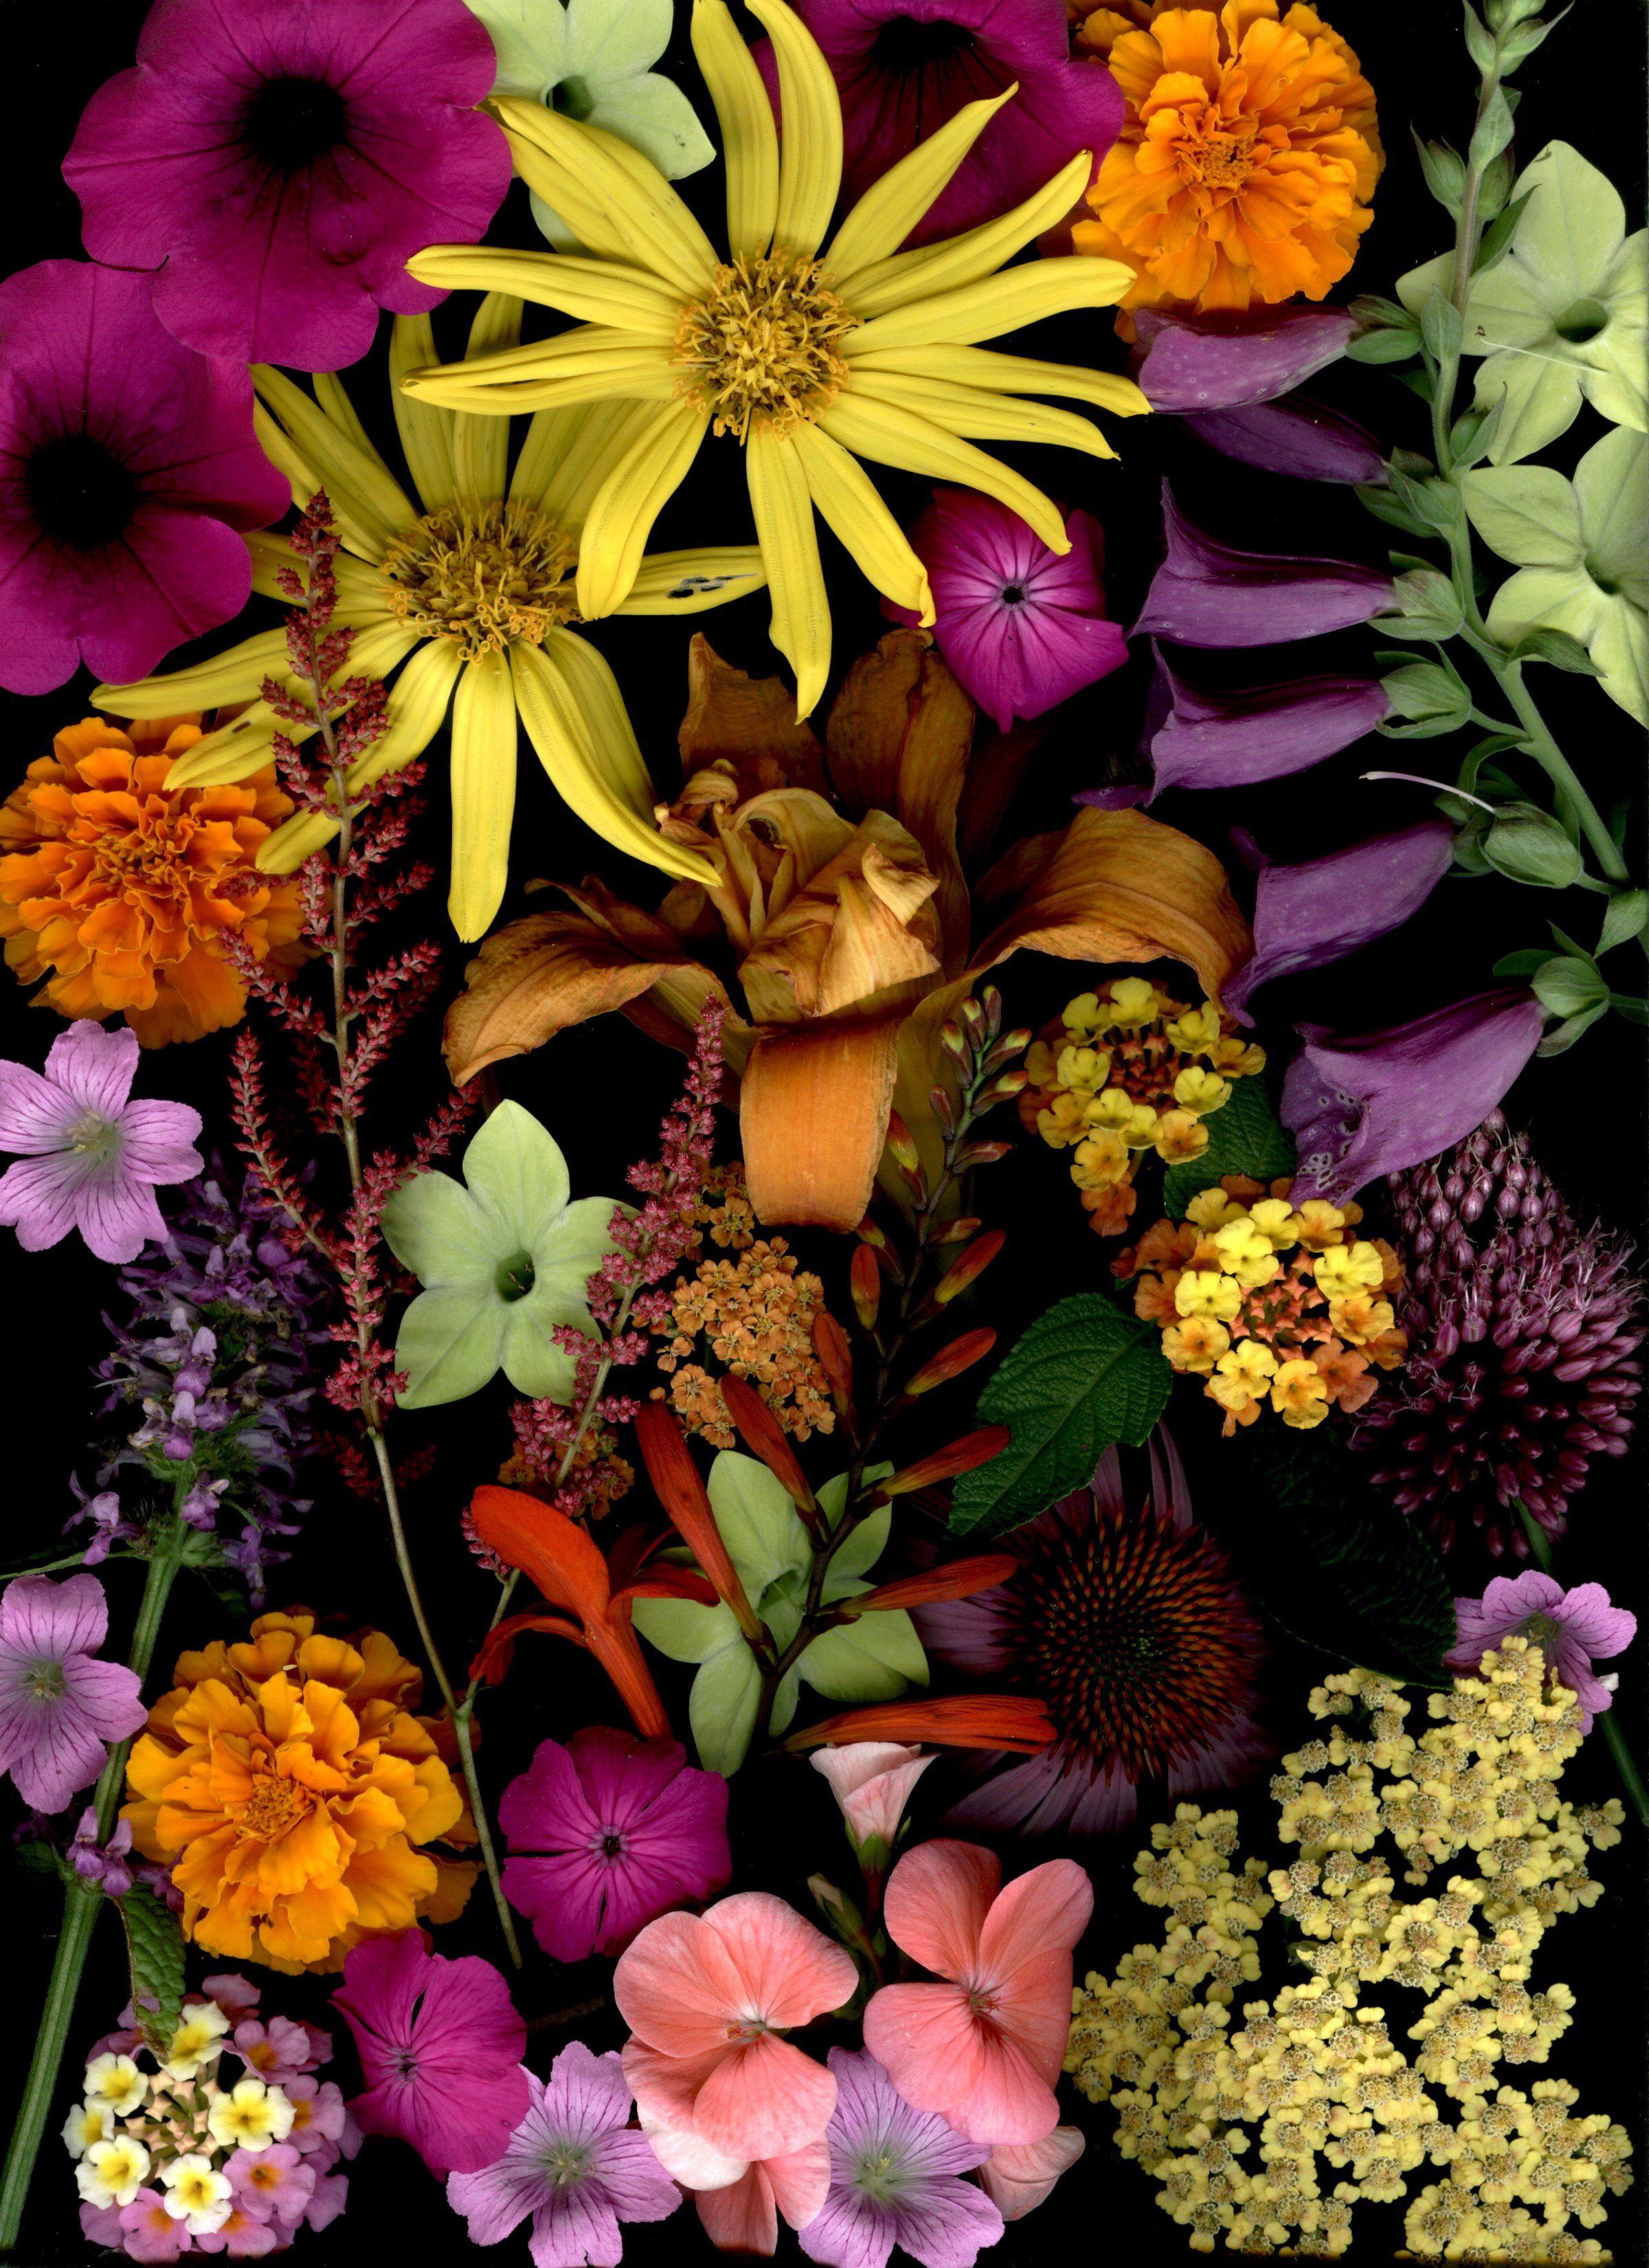 Scan1x2400 Jpg 2400 3301 Flower Aesthetic Flowers Photography Flower Phone Wallpaper